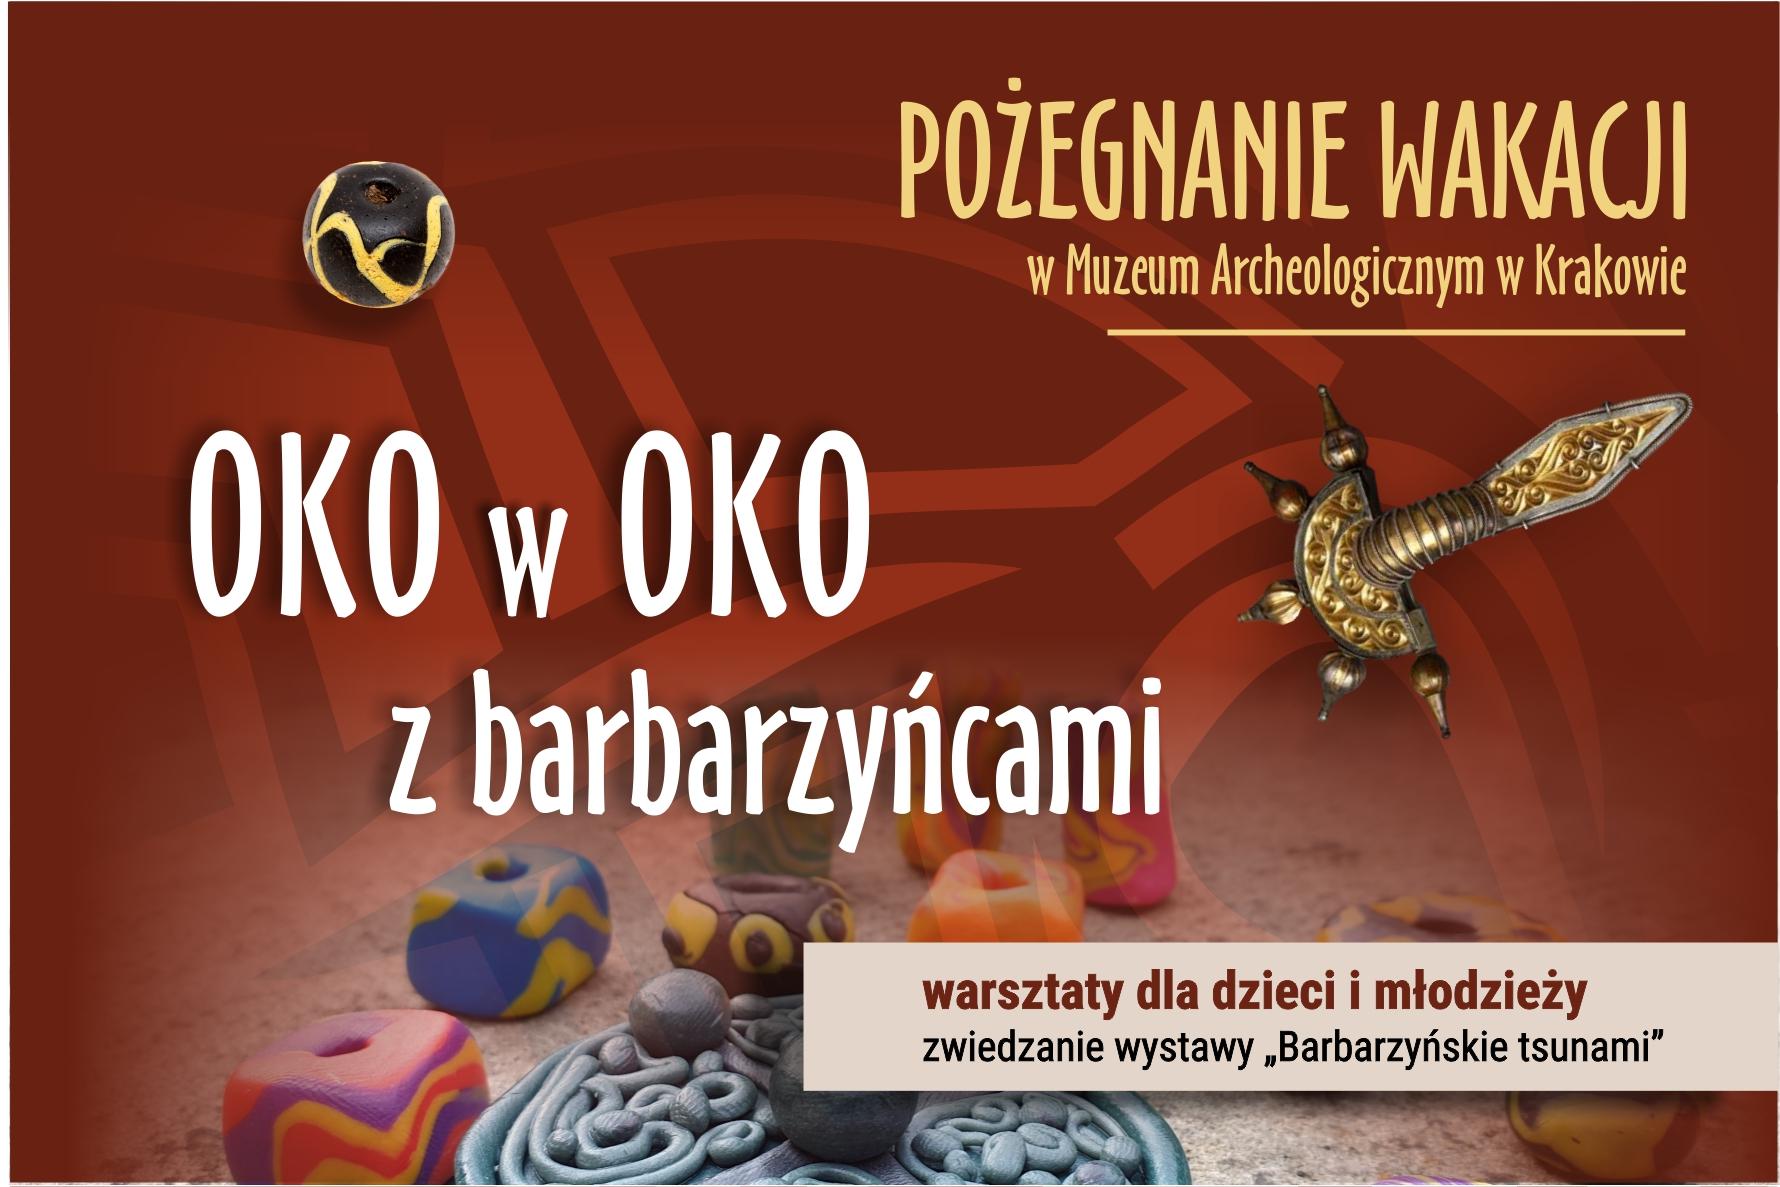 Pożegnanie wakacji w Muzeum Archeologicznym w Krakowie